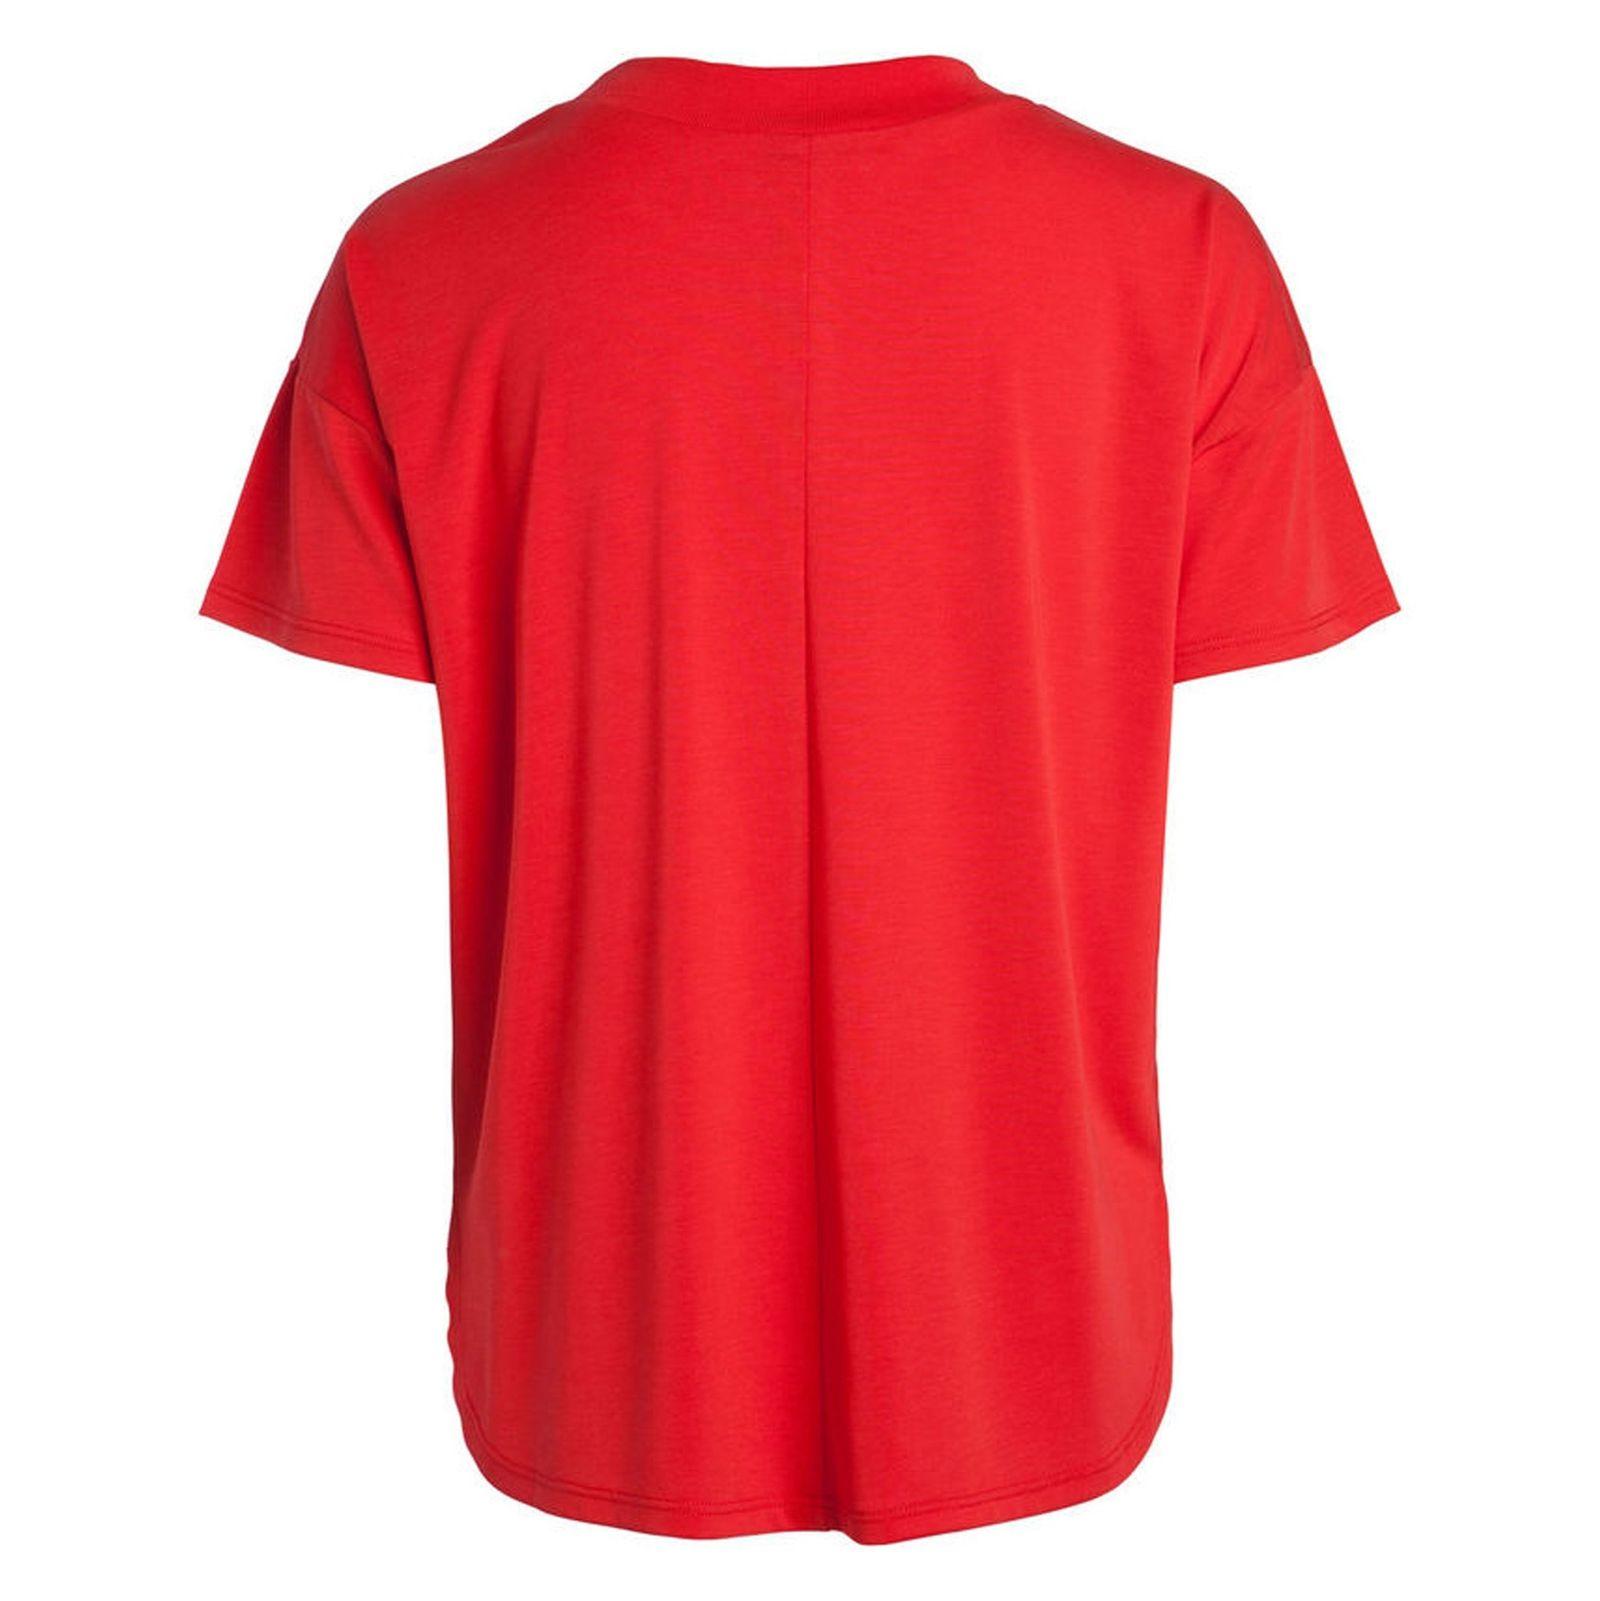 تی شرت یقه گرد زنانه - پی سز - قرمز - 2